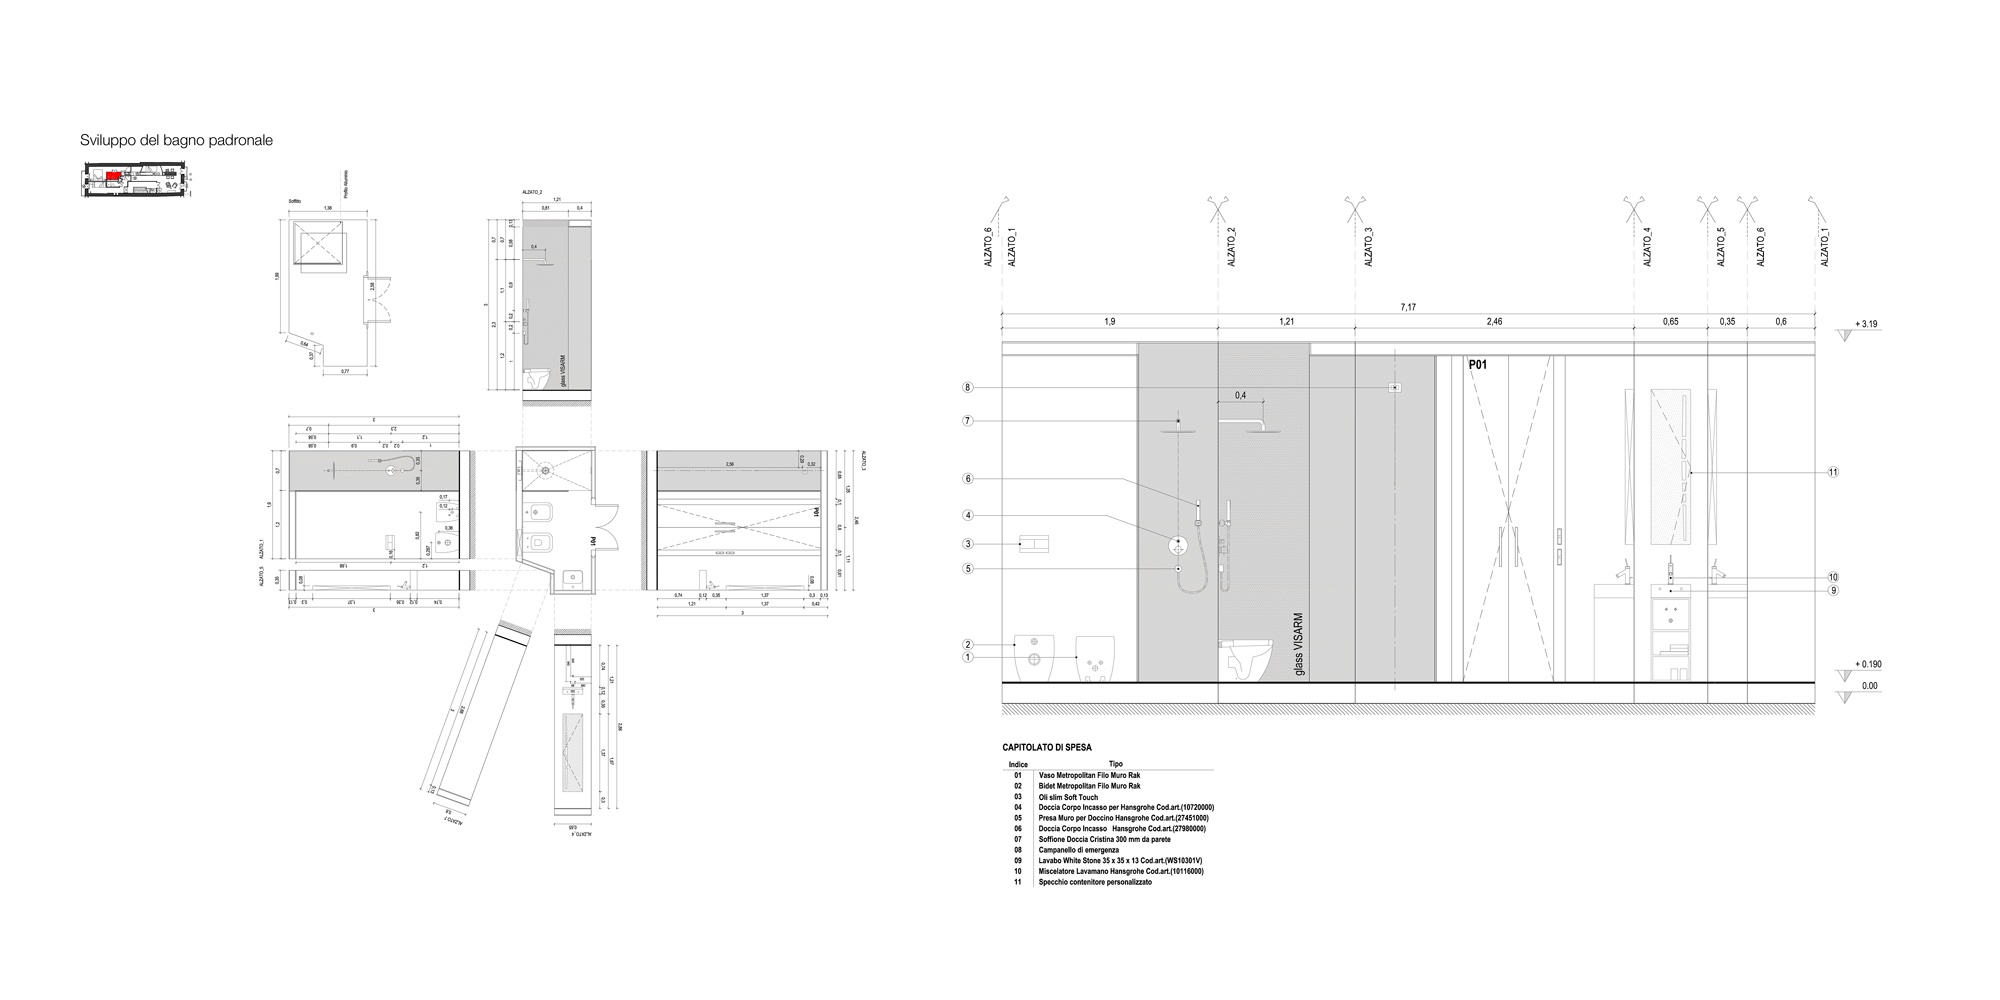 Sviluppo del bagno padronale con doccia 70 x 120 a rivestimento integrale. }